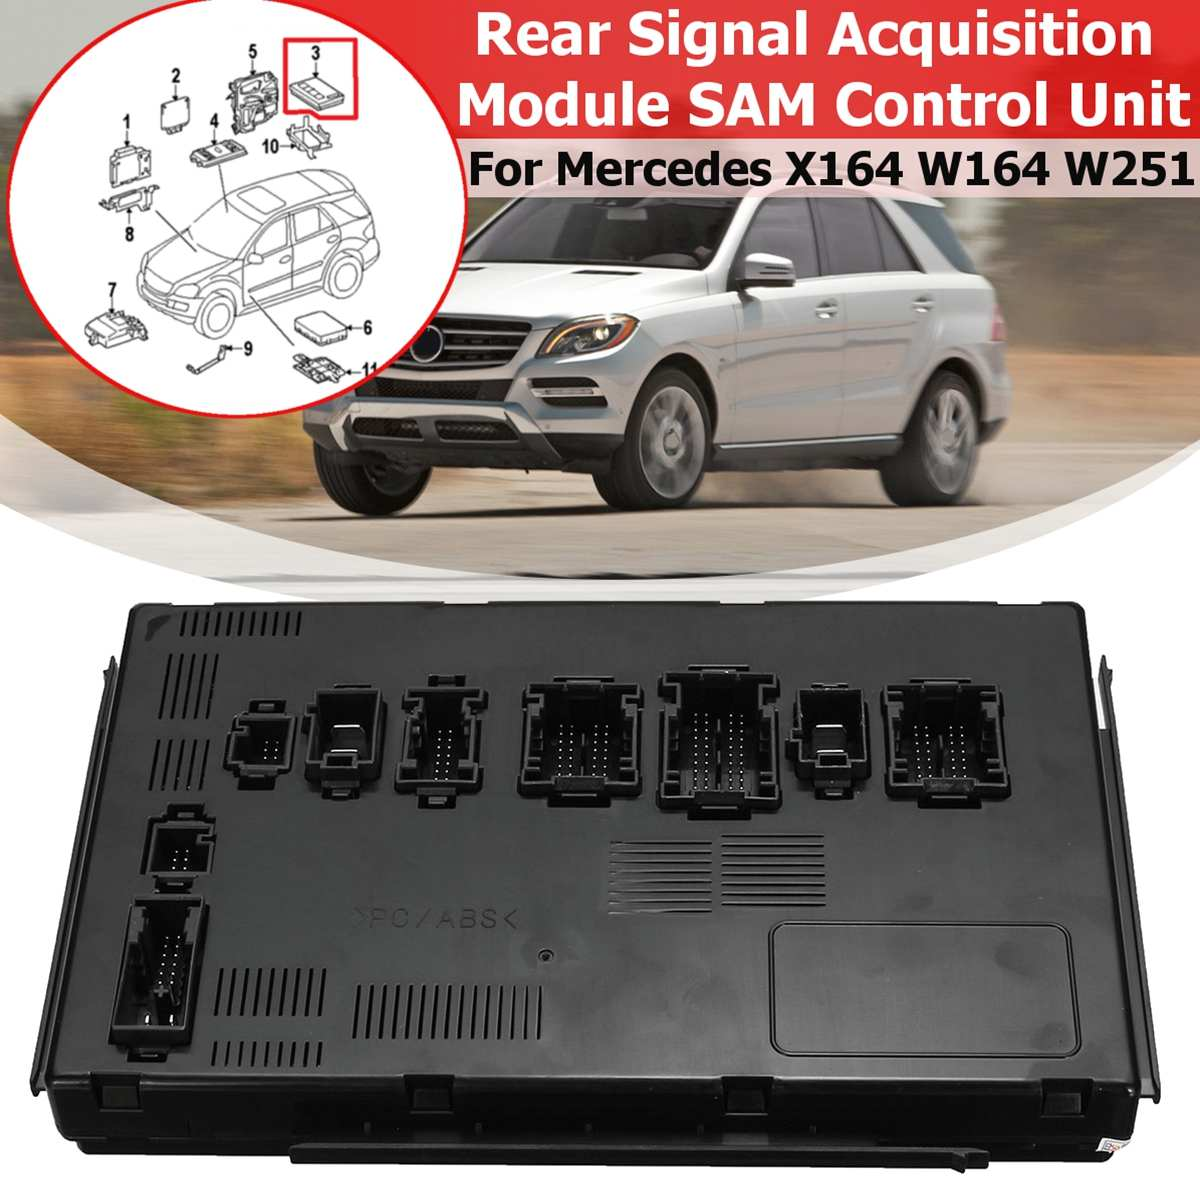 1 шт для Mercedes-Benz X164 W164 W251 GL320 GL350 сзади модуль обработки сигналов SAM Управление блок из натуральной 1649005401